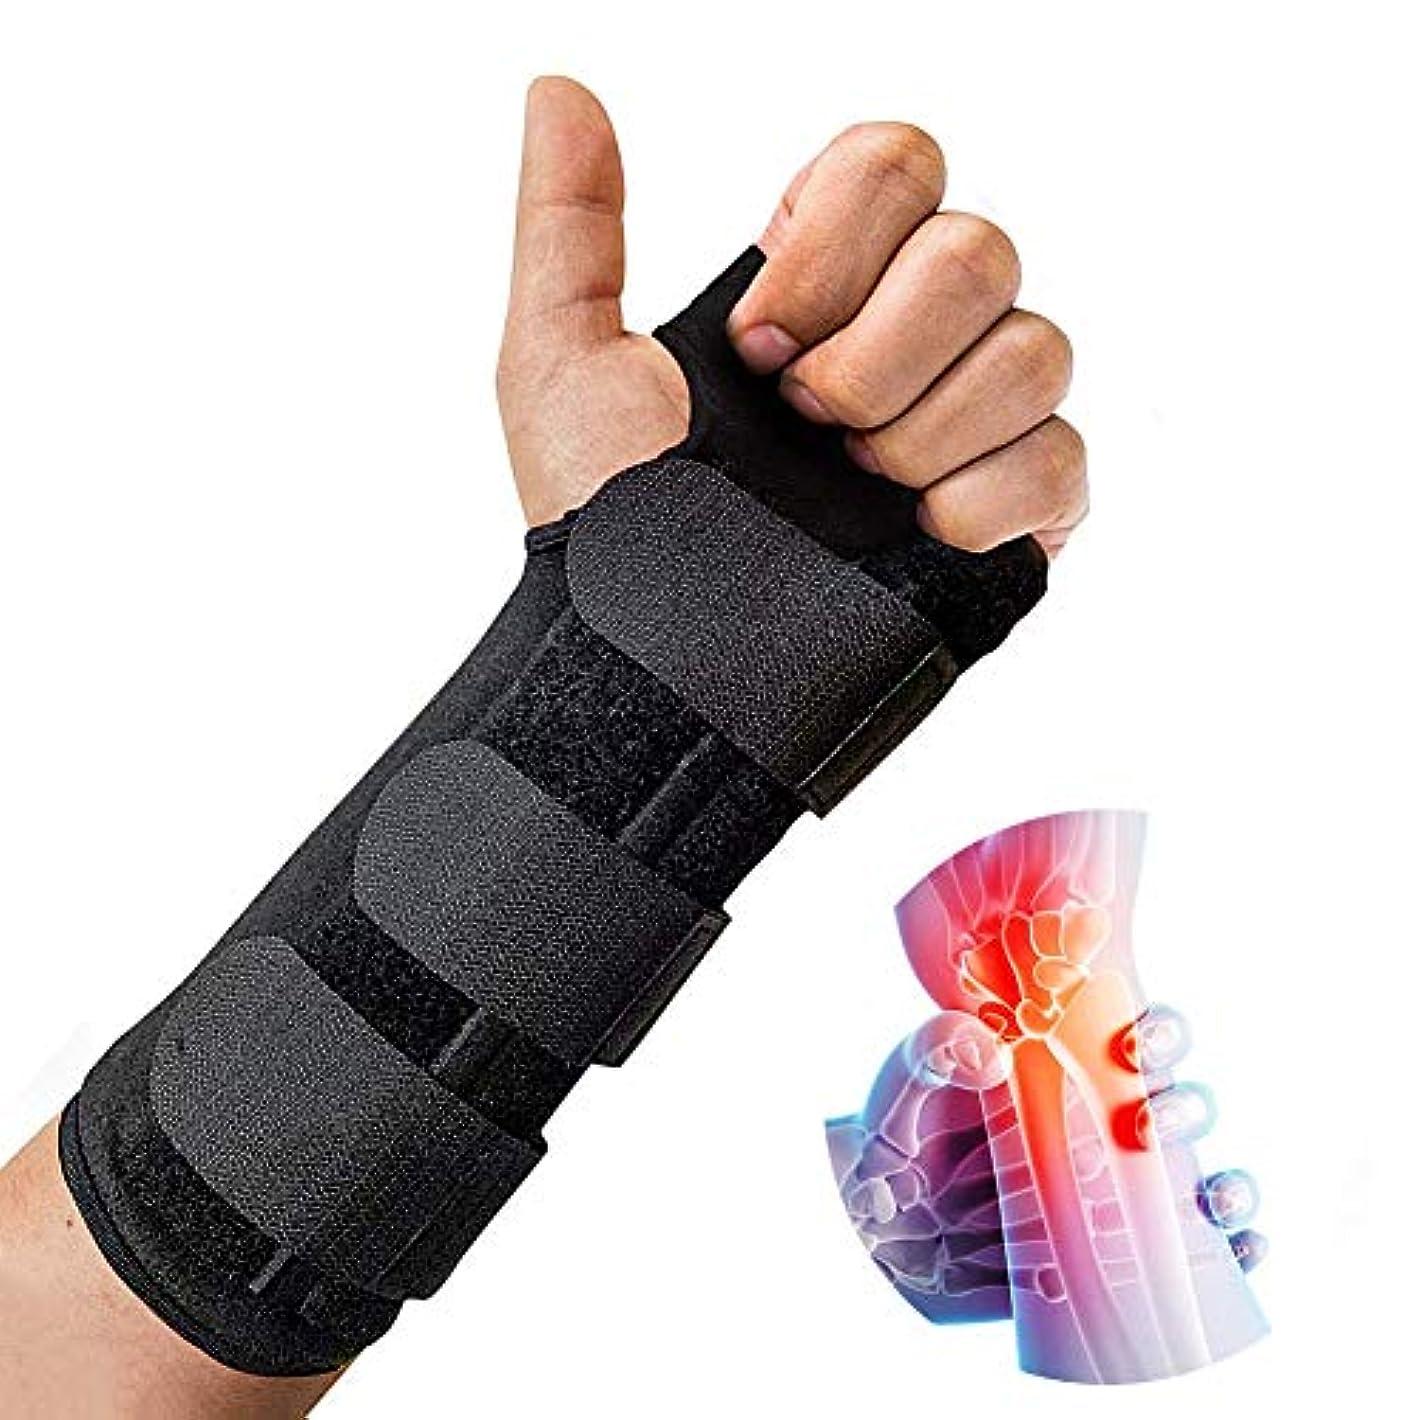 市町村膨張する縞模様の手首 固定 サポーター 、クッションパッド付きの調整可能な軽量スプリントは、手根管関節炎、腱炎、骨折捻Spに最適な快適さを提供します。,Left,M